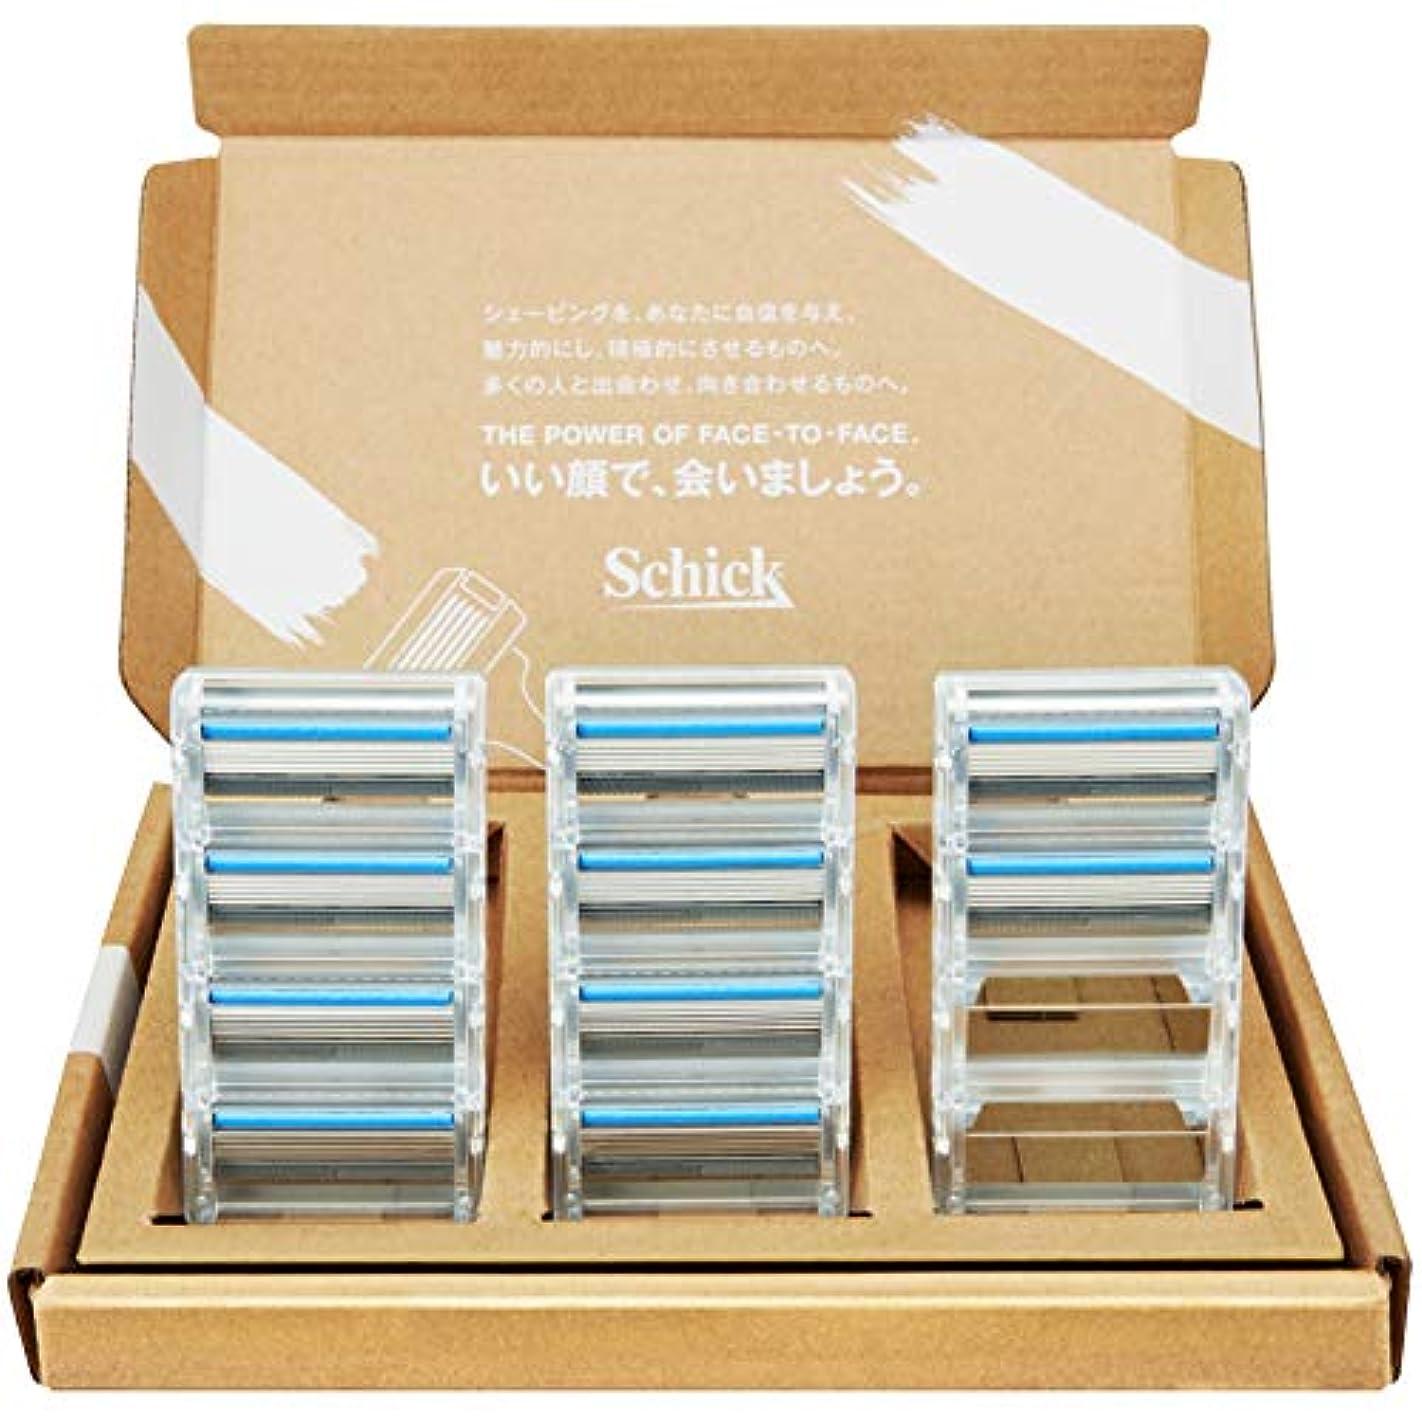 とんでもないはい笑い【Amazon.co.jp限定】 シック クアトロ5 チタニウム 替刃 10コ入